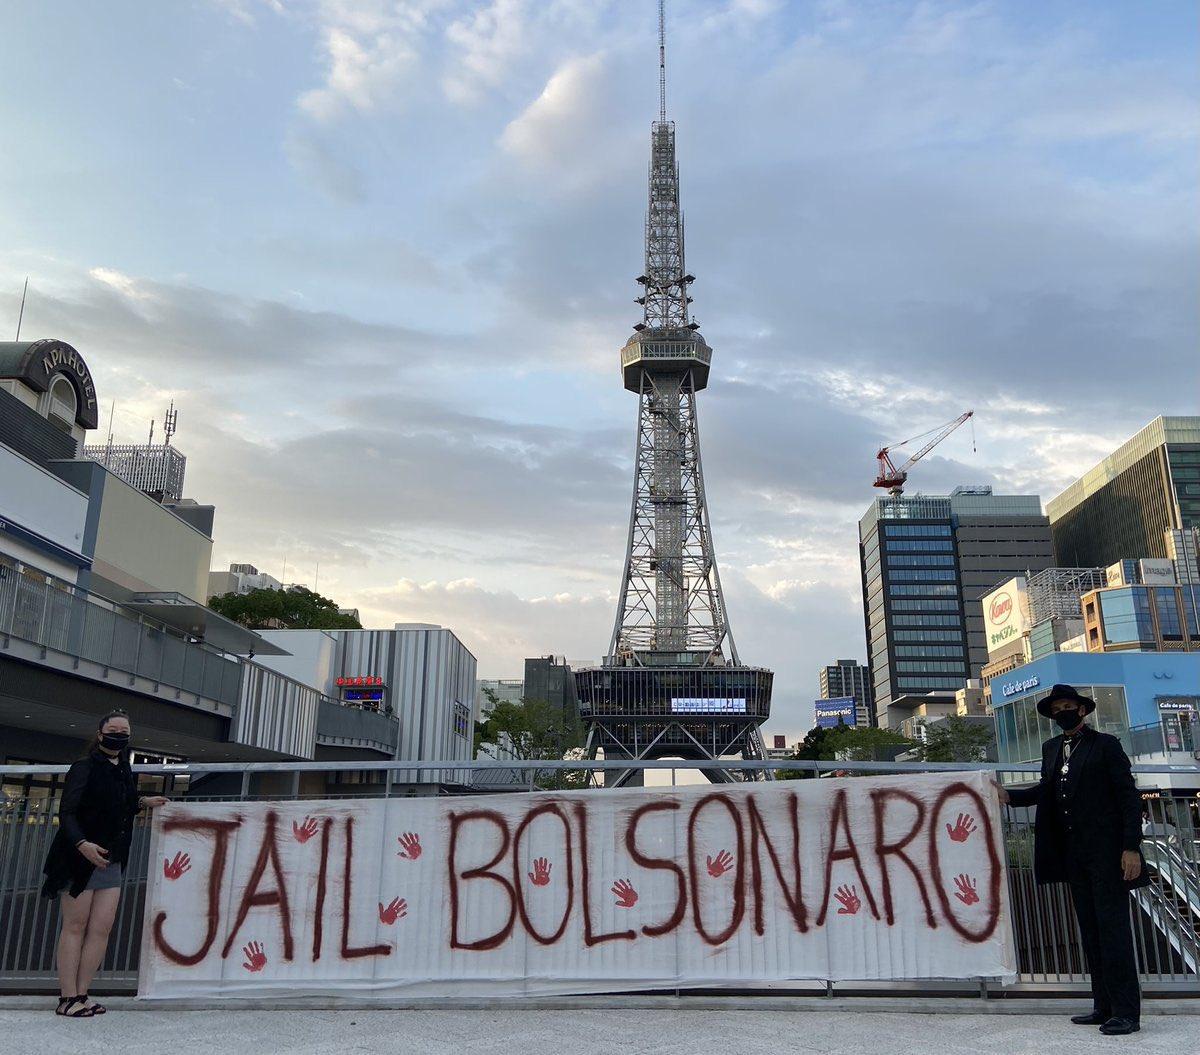 Protesto contra o presidente Jair Bolsonaro (sem partido) em Tóquio, durante os jogos olímpicos